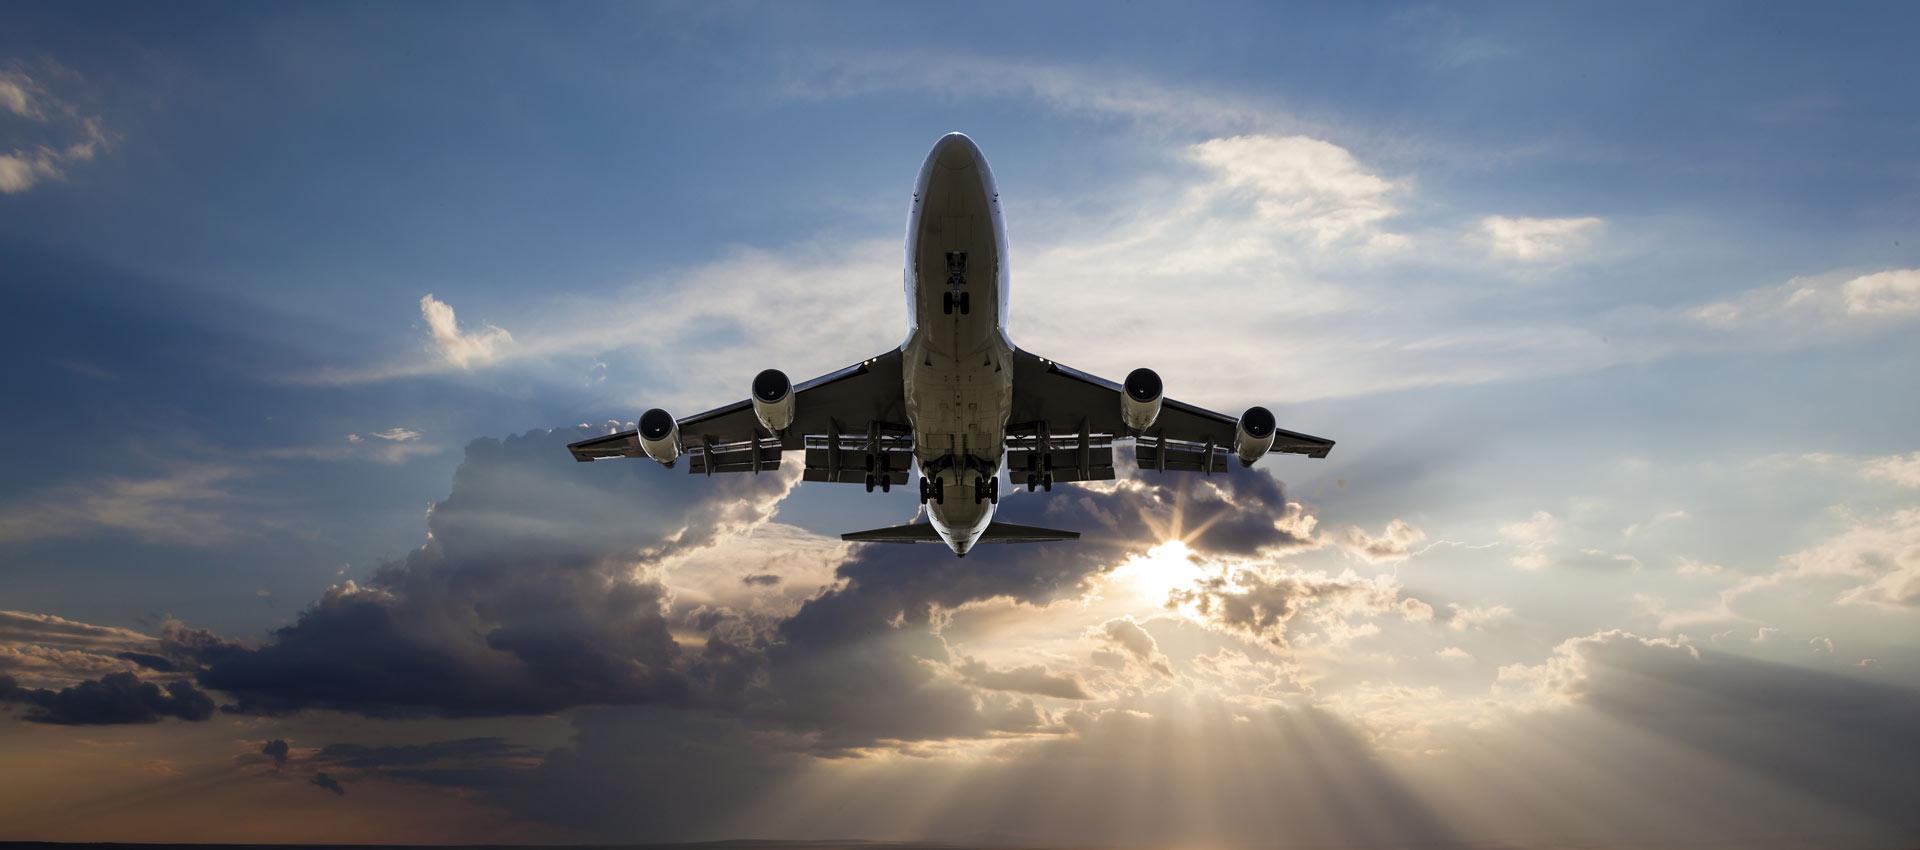 gbm imagen slider home aeronaútica